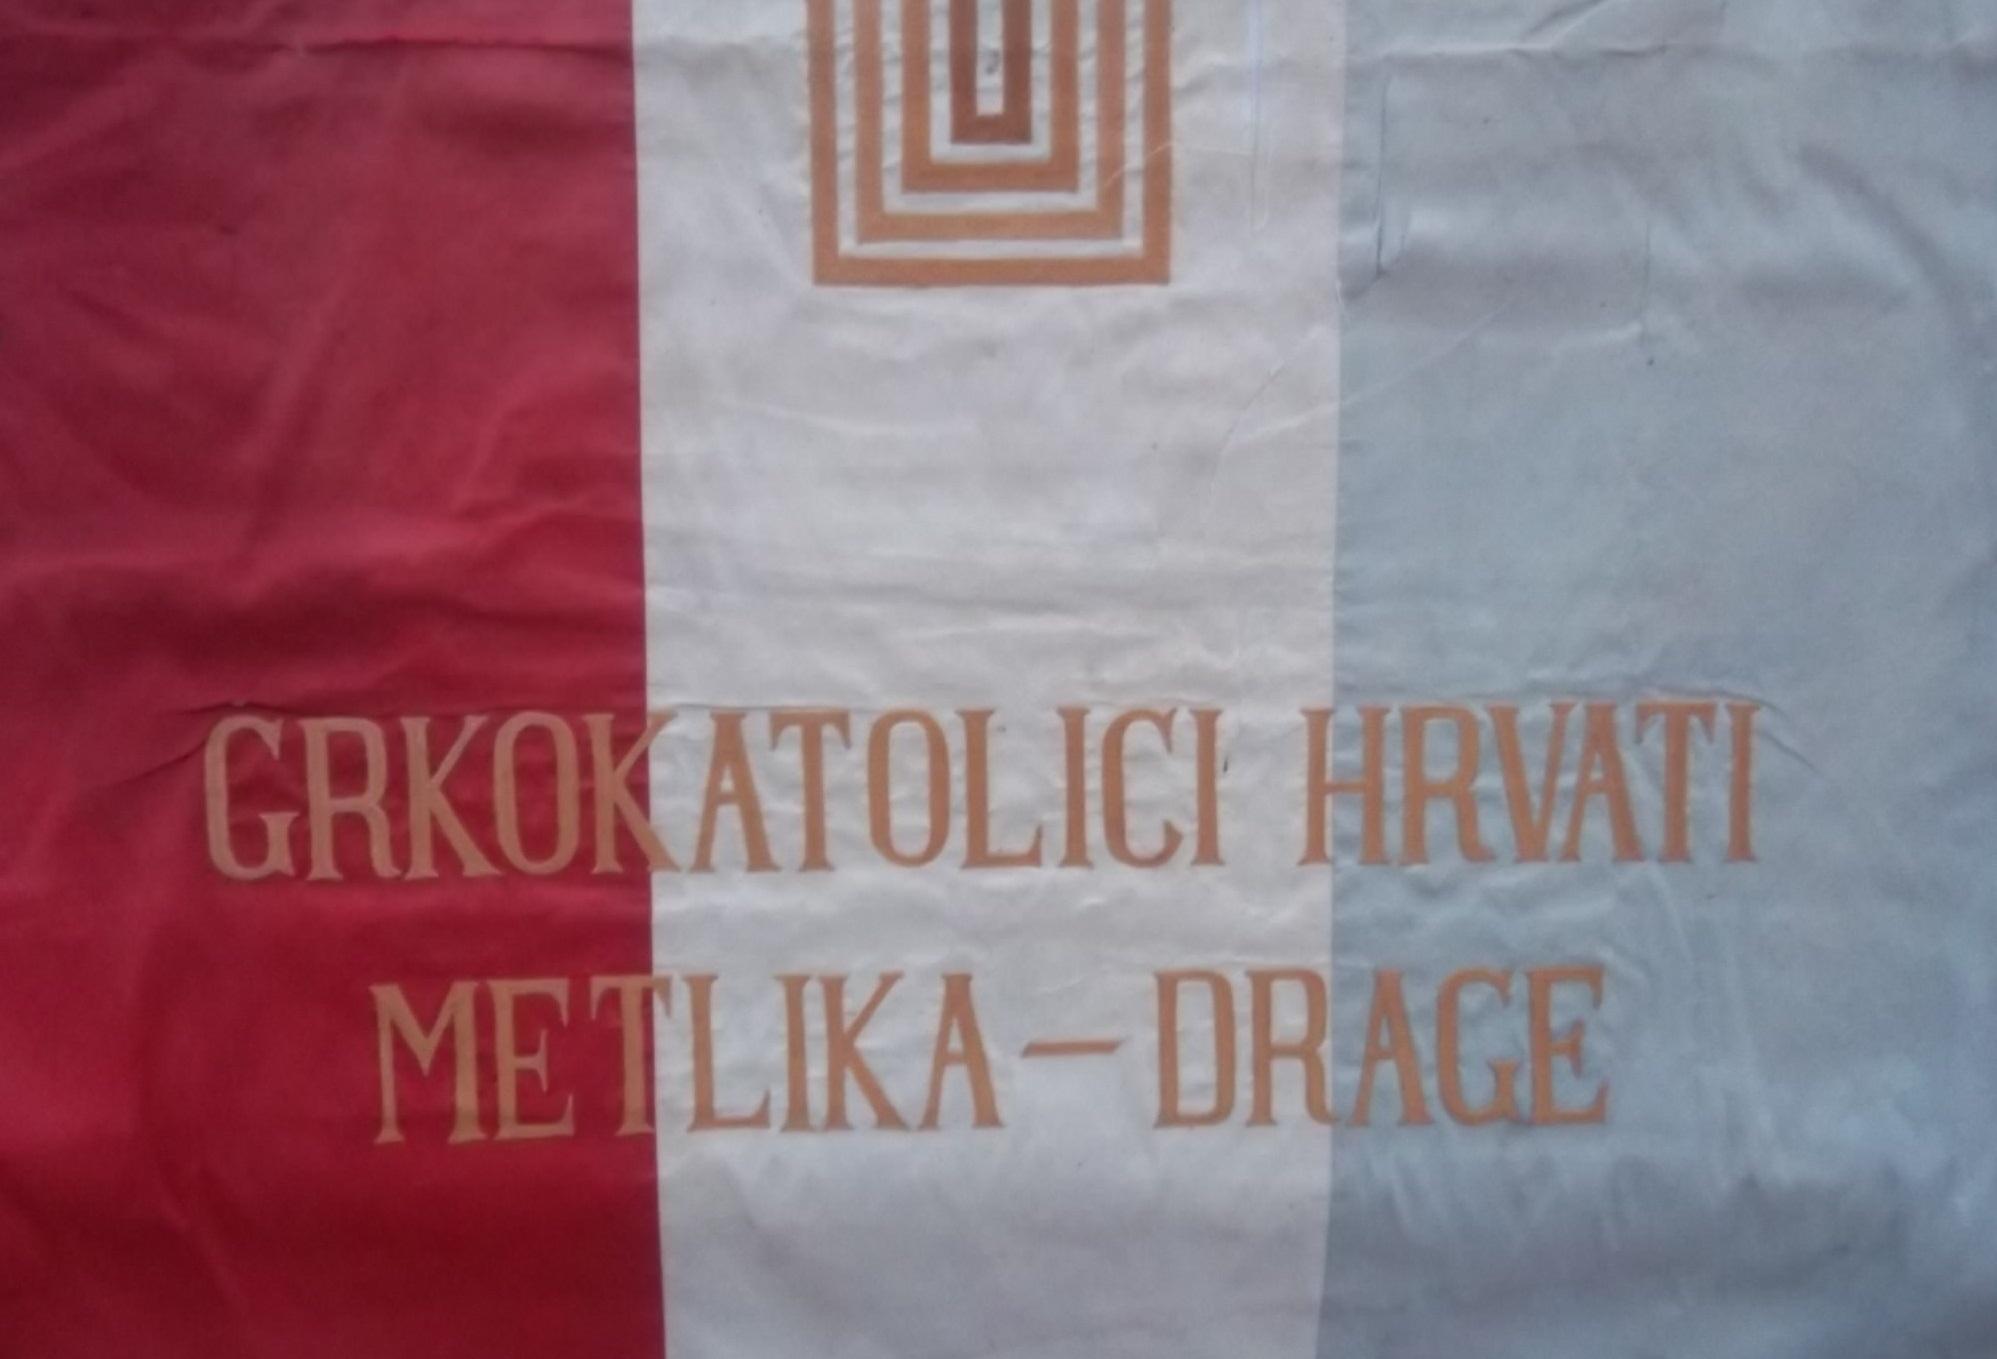 Križevačka eparhija će biti u granicama Republike Hrvatske